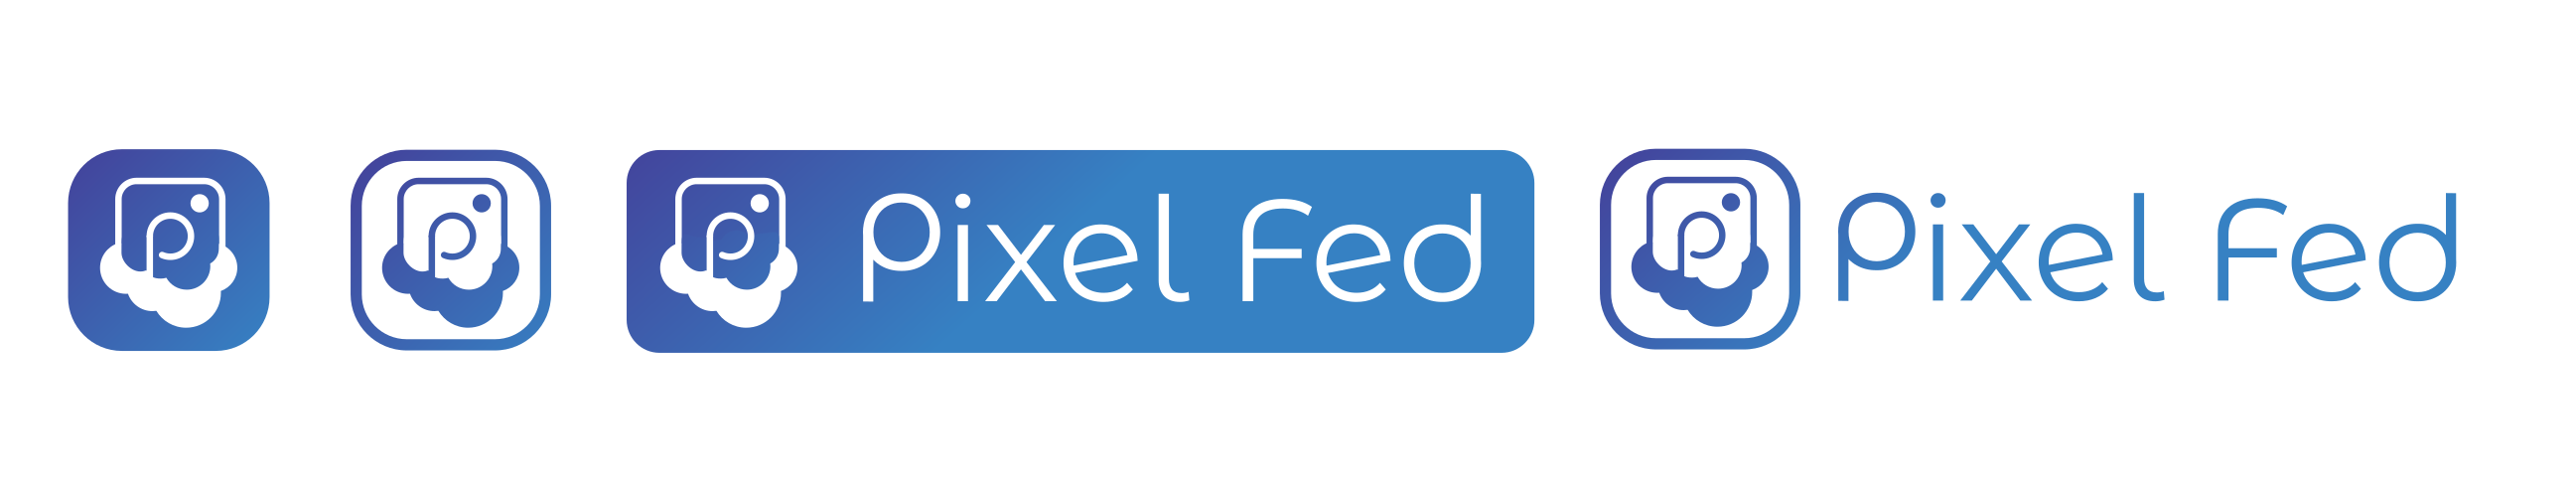 pixelfed-logo-p2